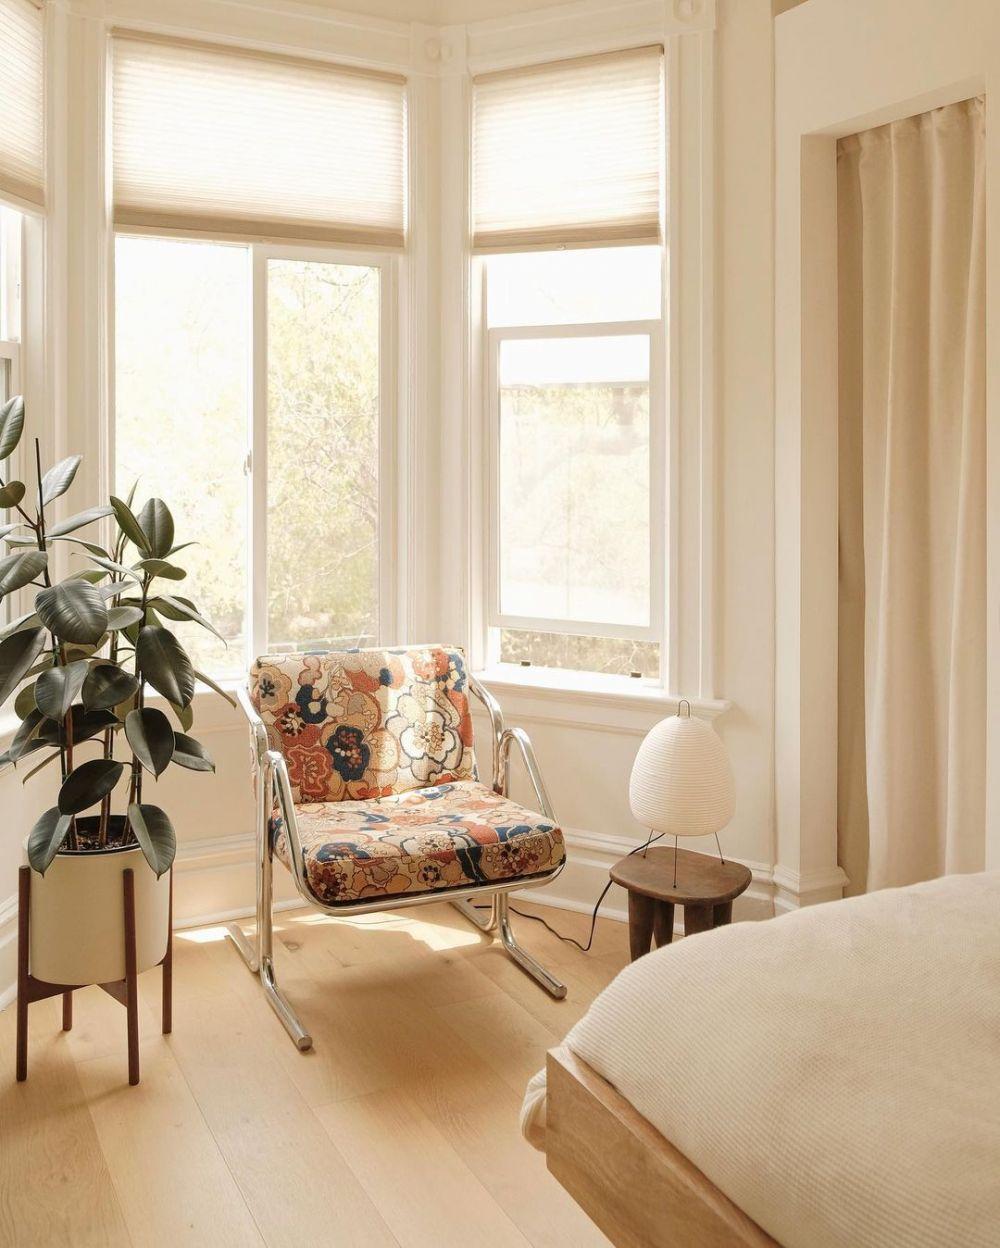 10 Desain Kursi Nyeleneh yang Siap Bikin Ruangan Kamu Semarak